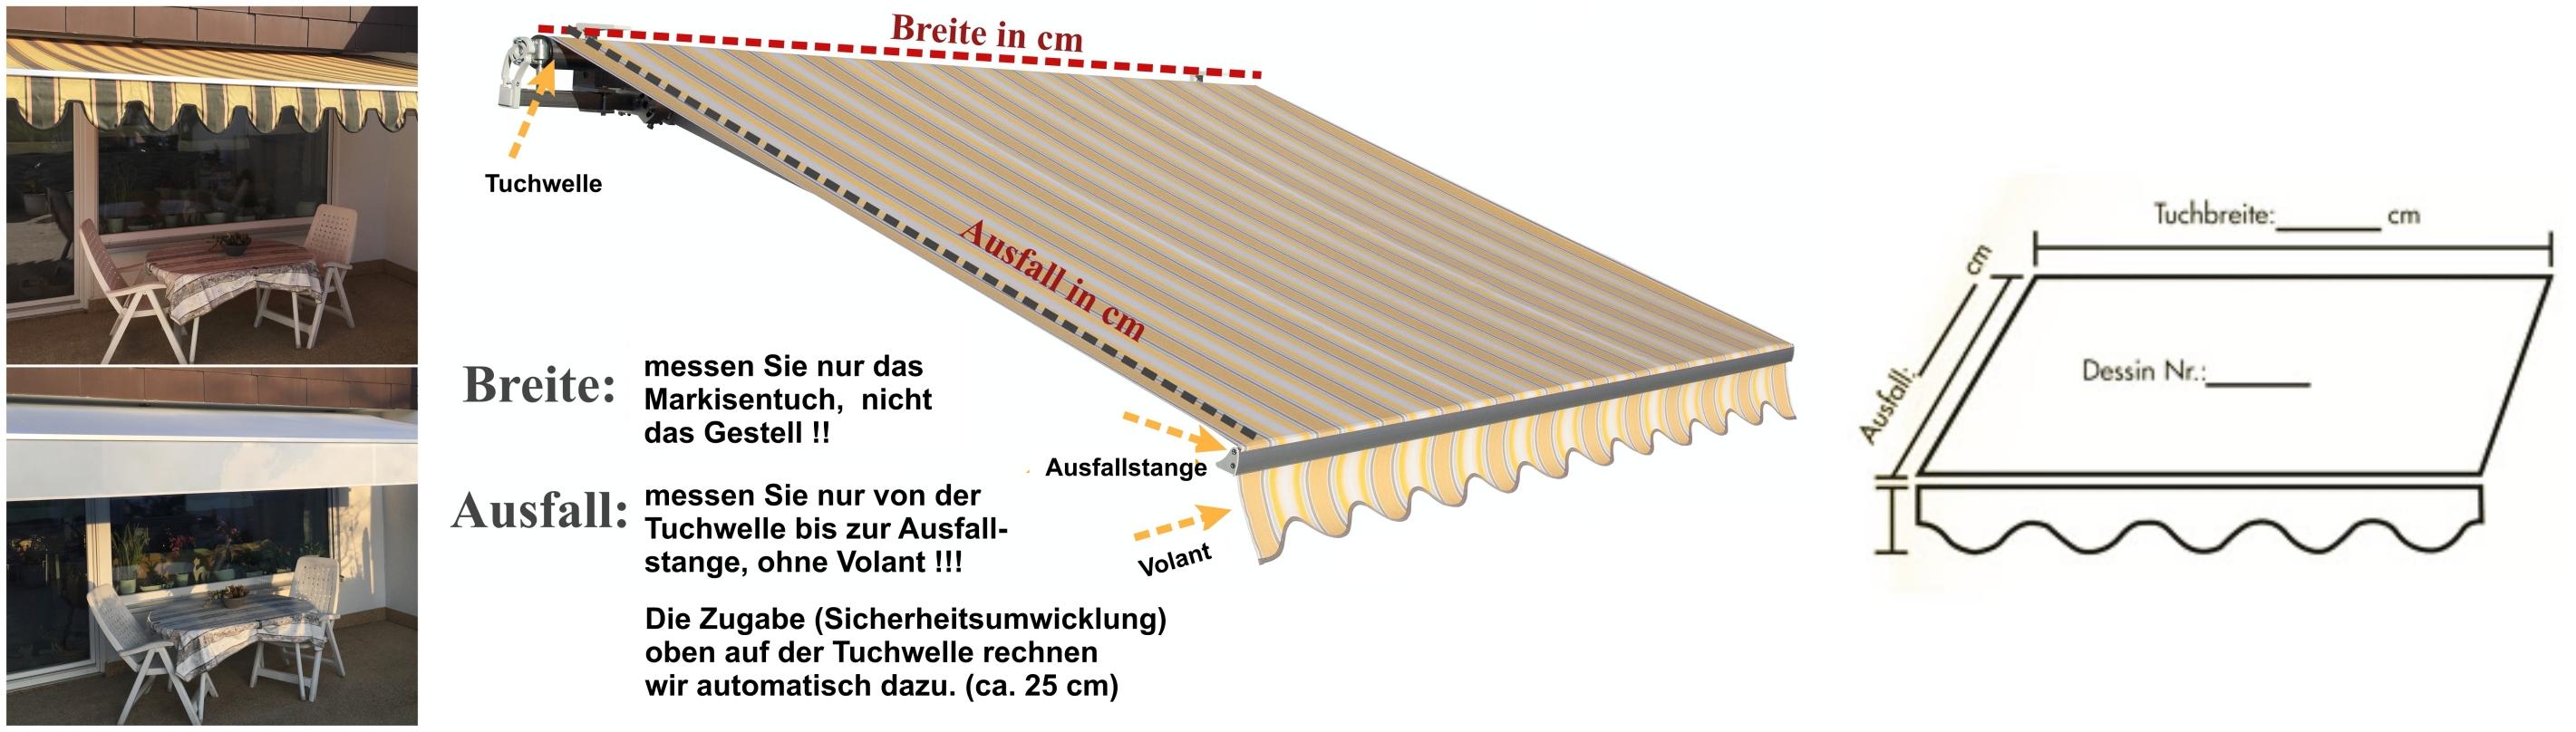 apto-Markisentuchtausch-ersatzbespannung-markisen-made-in-germany-messanleitung